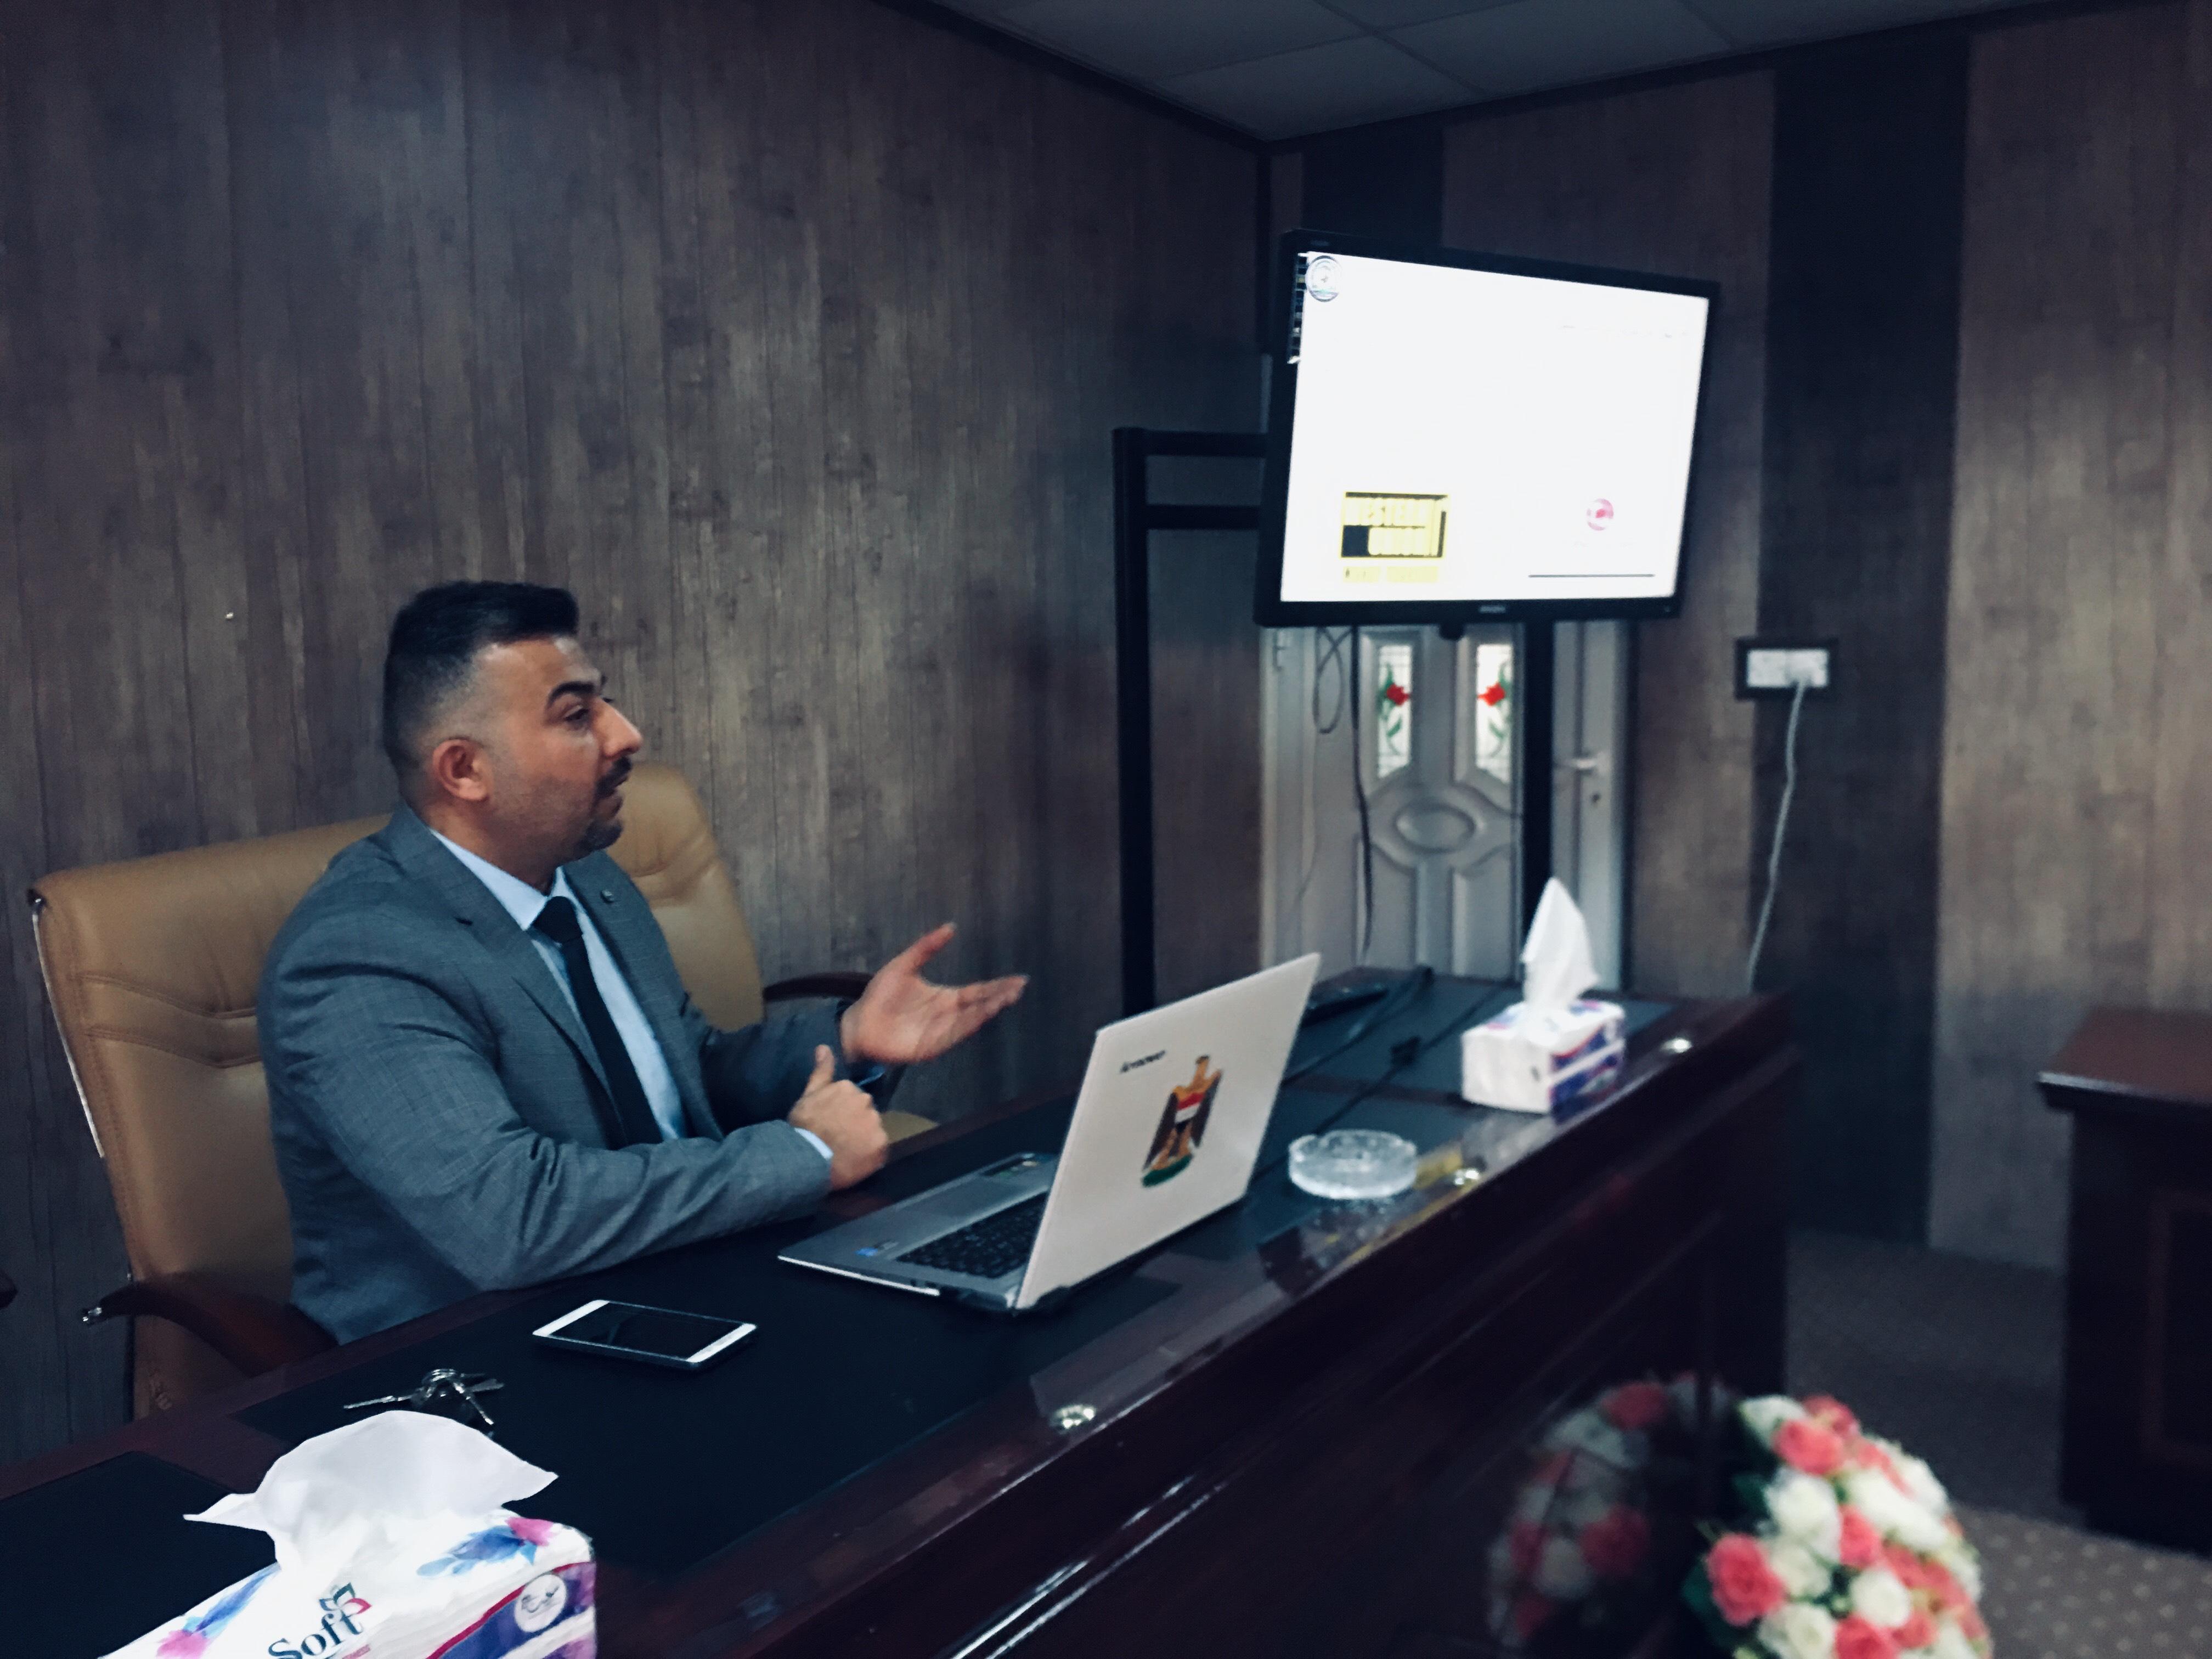 ورشة عمل (نظام الدفع الالكتروني سلبياته وايجابياته واثره على الواقع المعاشي في العراق)